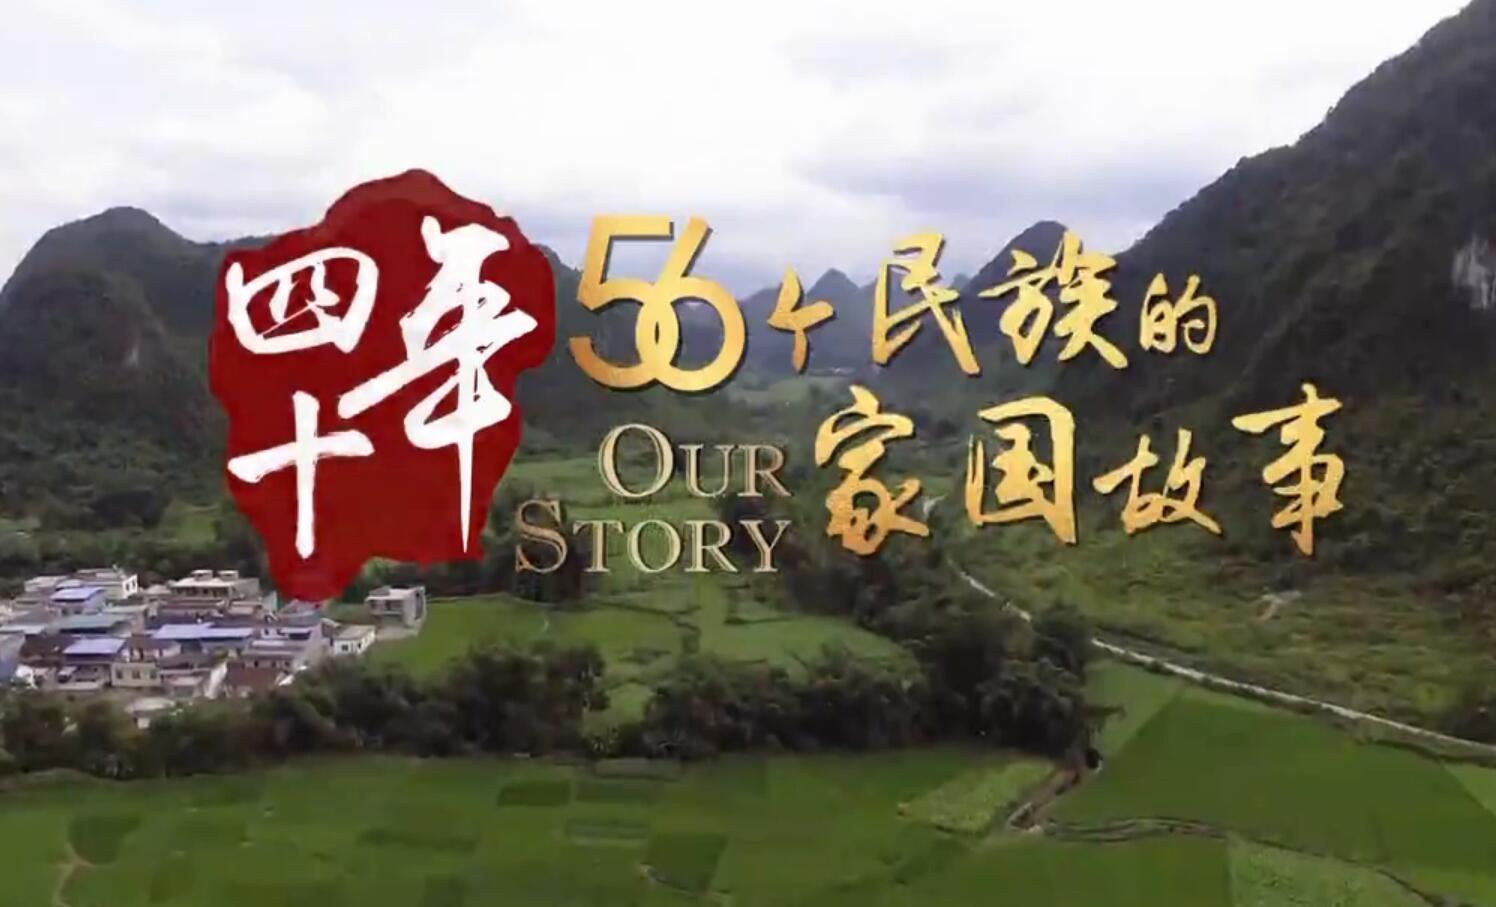 仫佬族:以梦为马,绣出仫佬人的中国梦